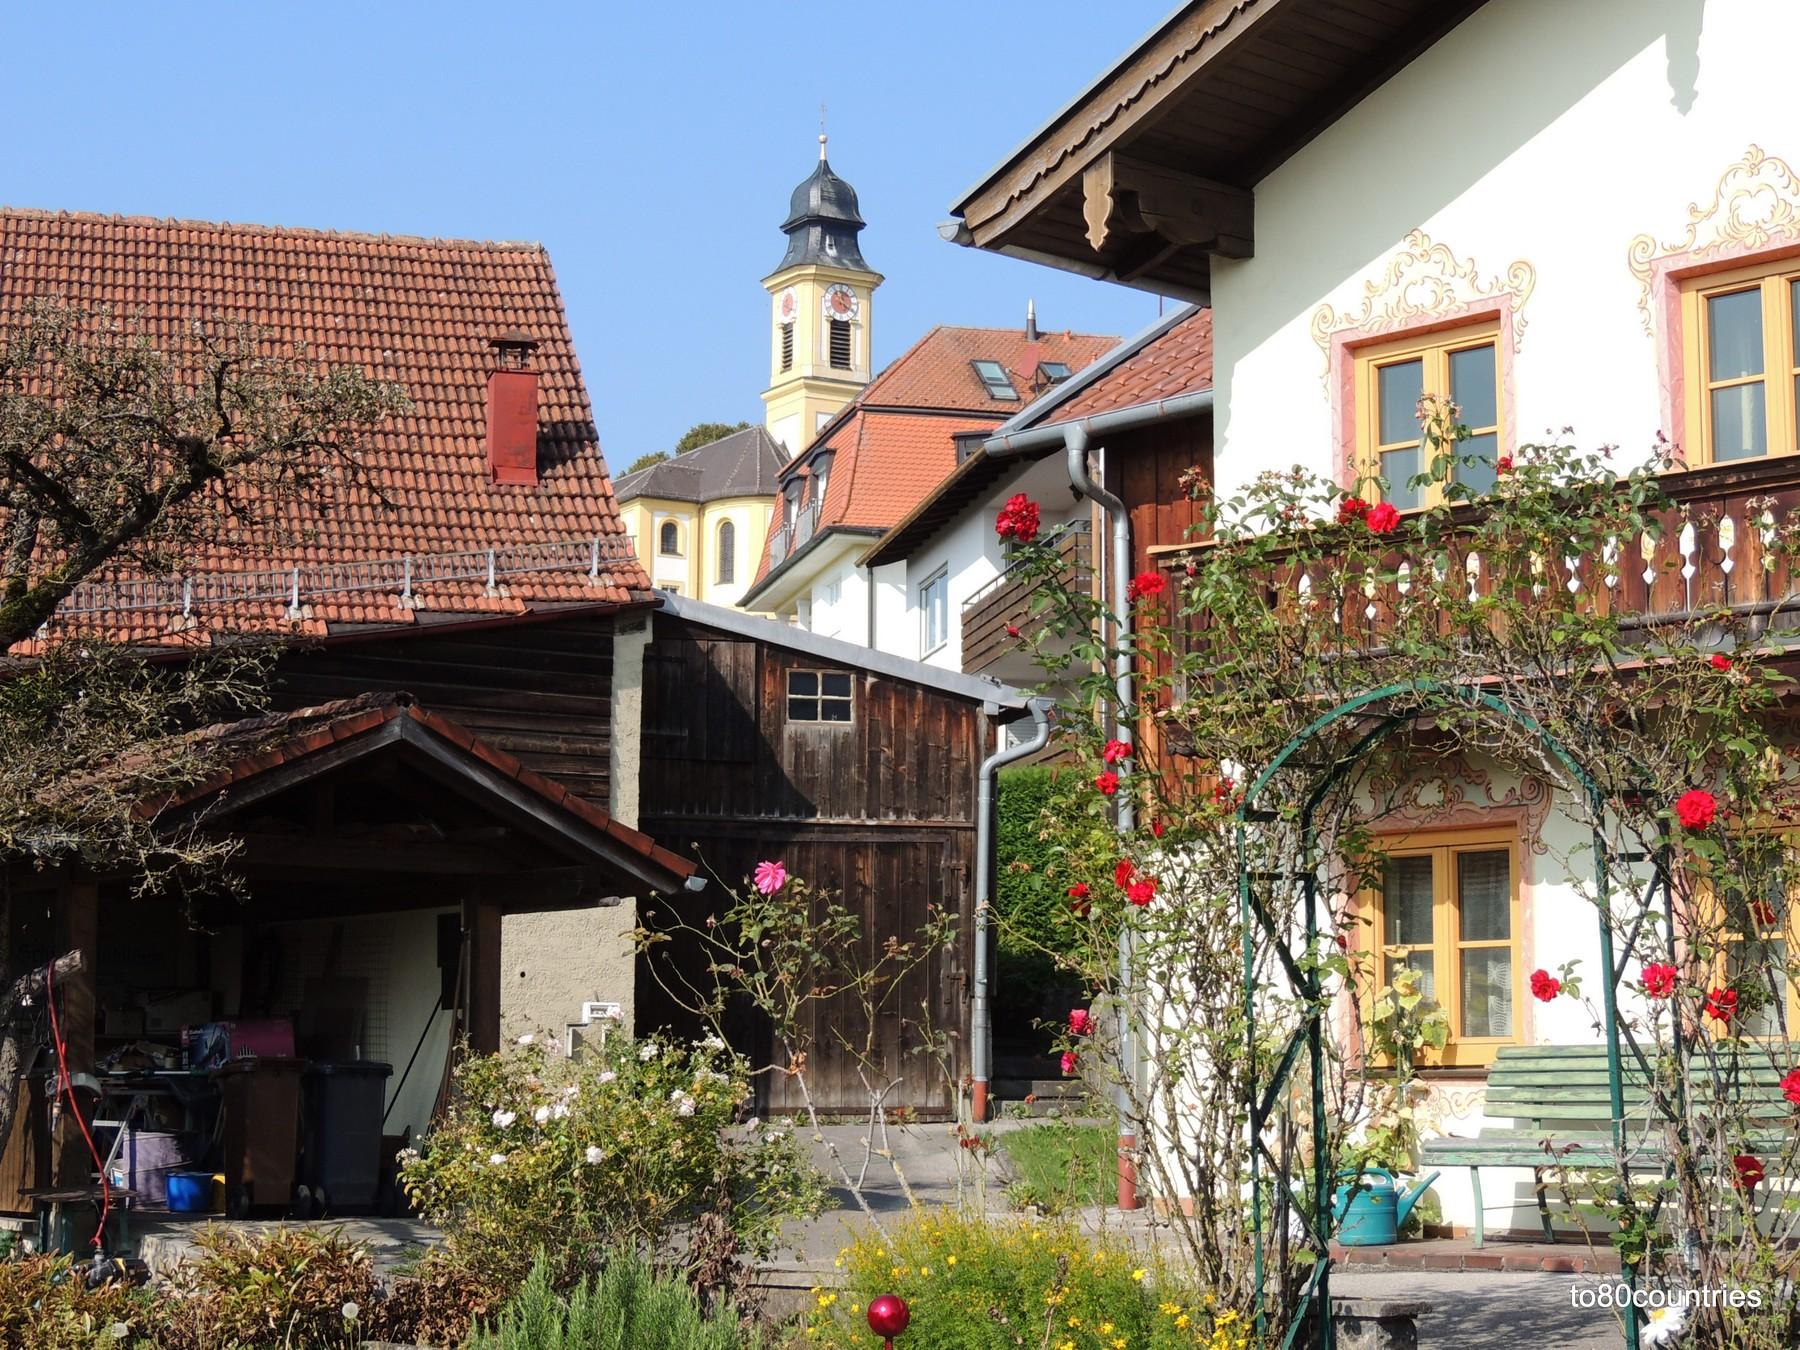 Grünwald-Rundkurs Hohenschäftlarn - St. Georg